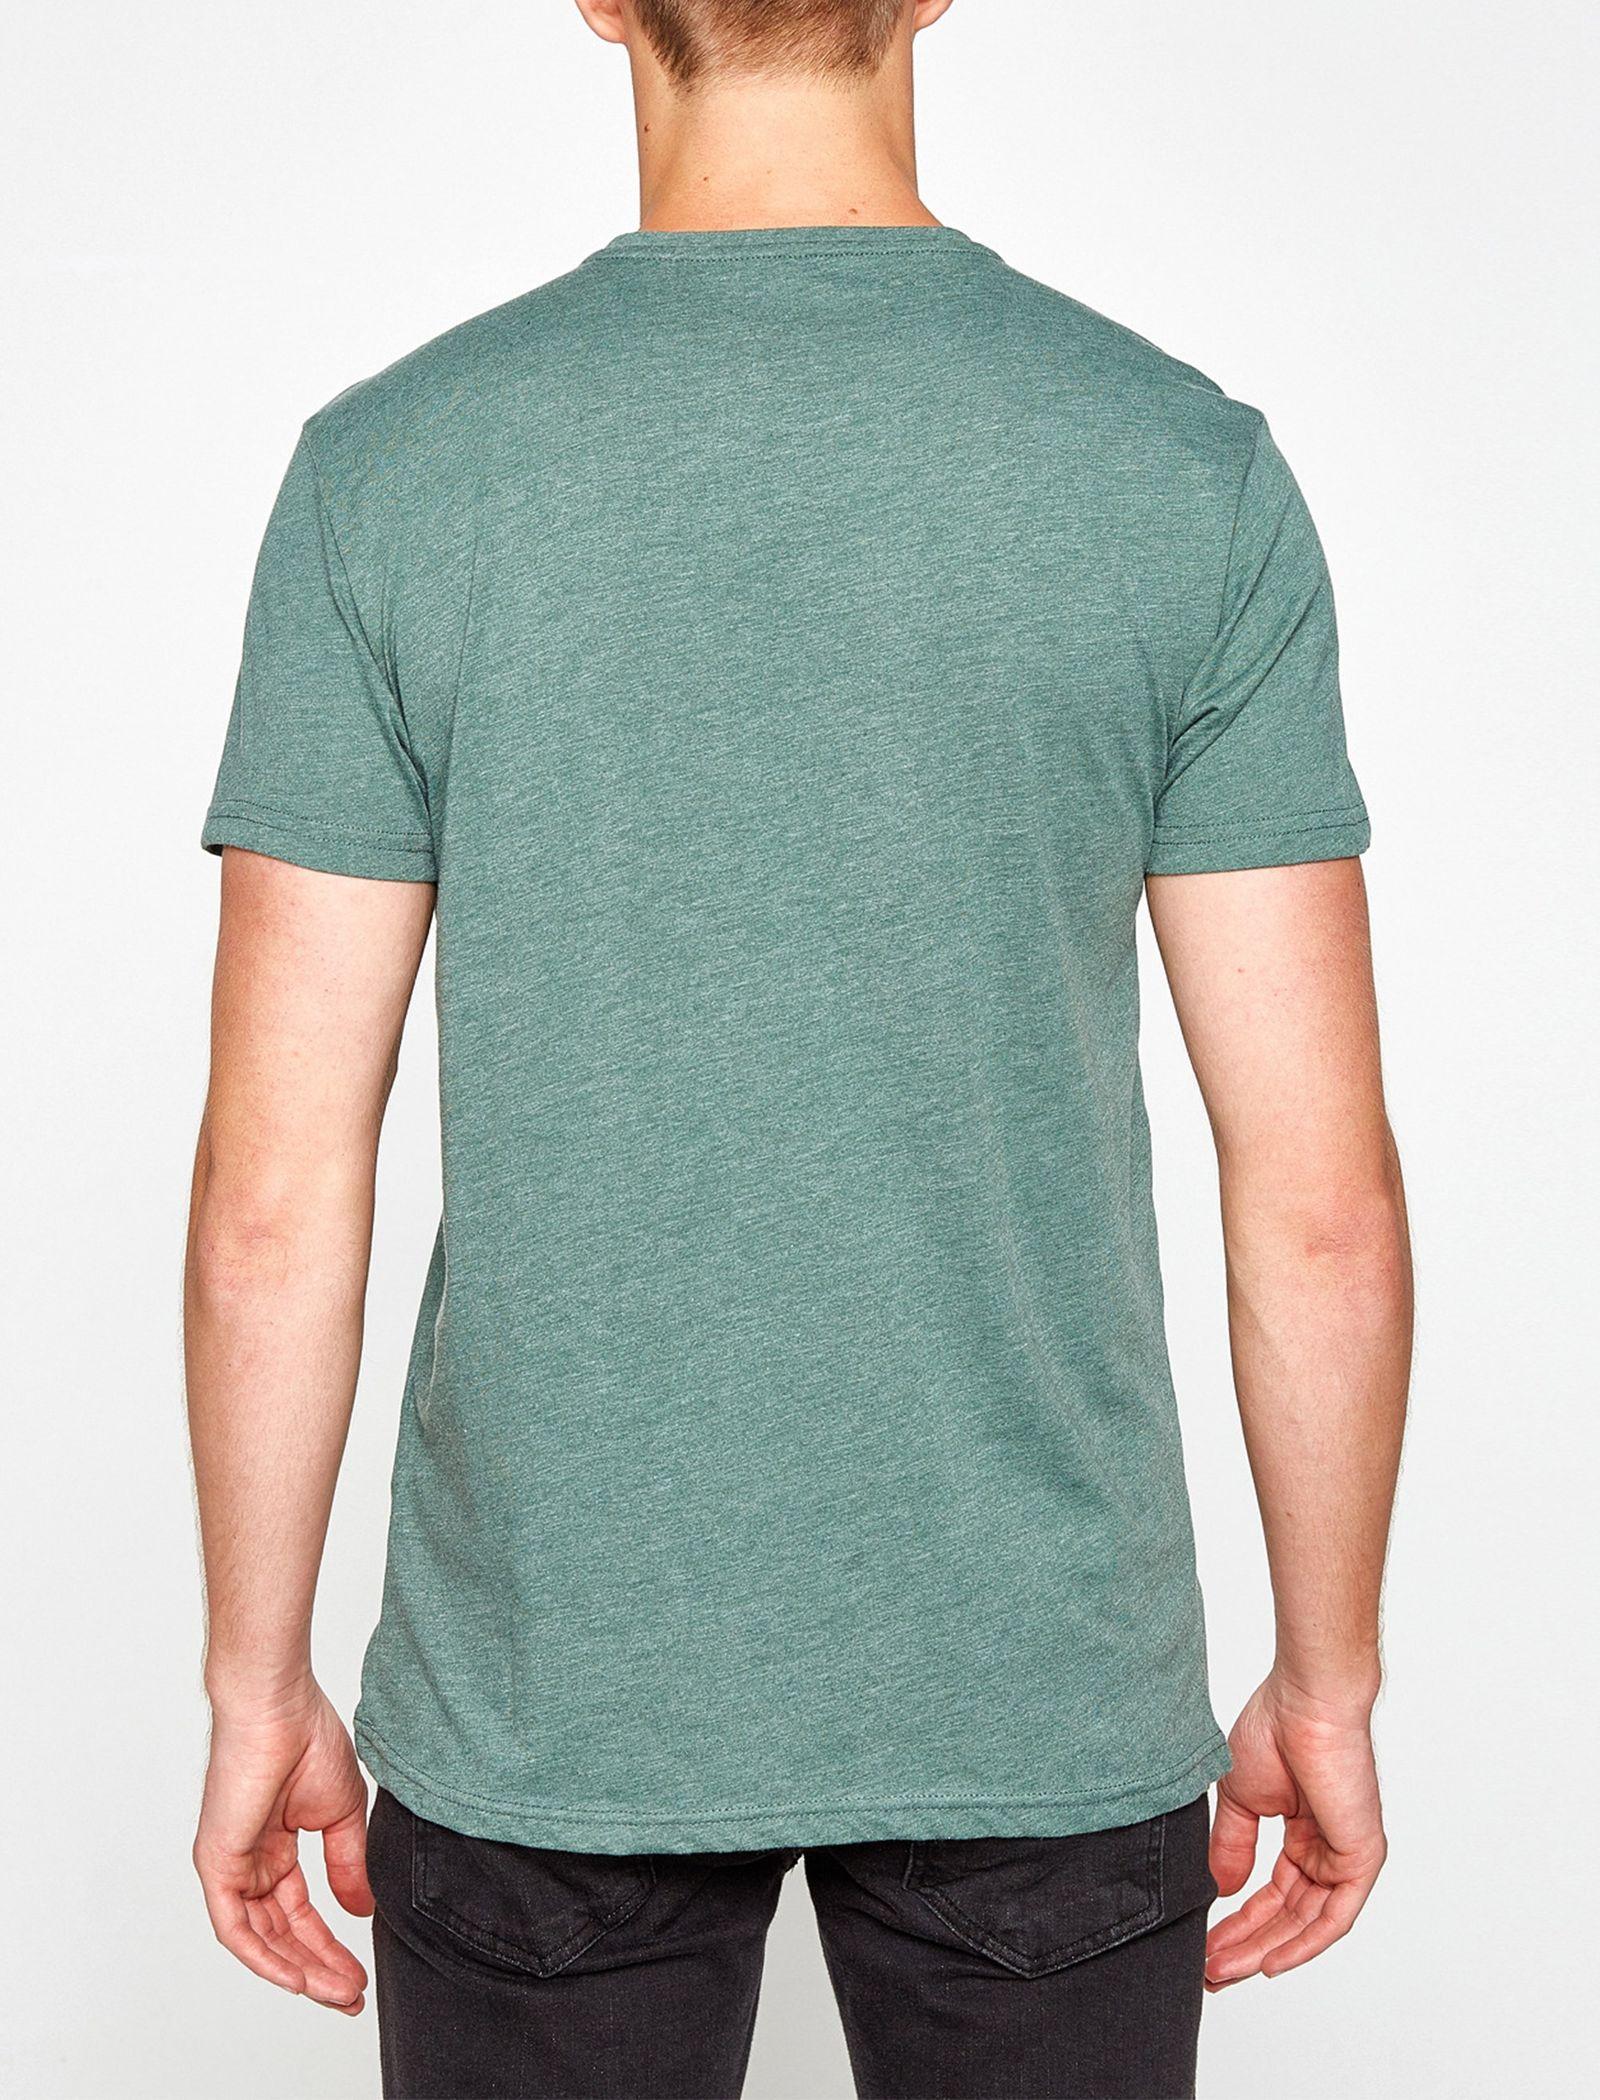 تی شرت یقه گرد مردانه - کوتون - سبز آبي - 2